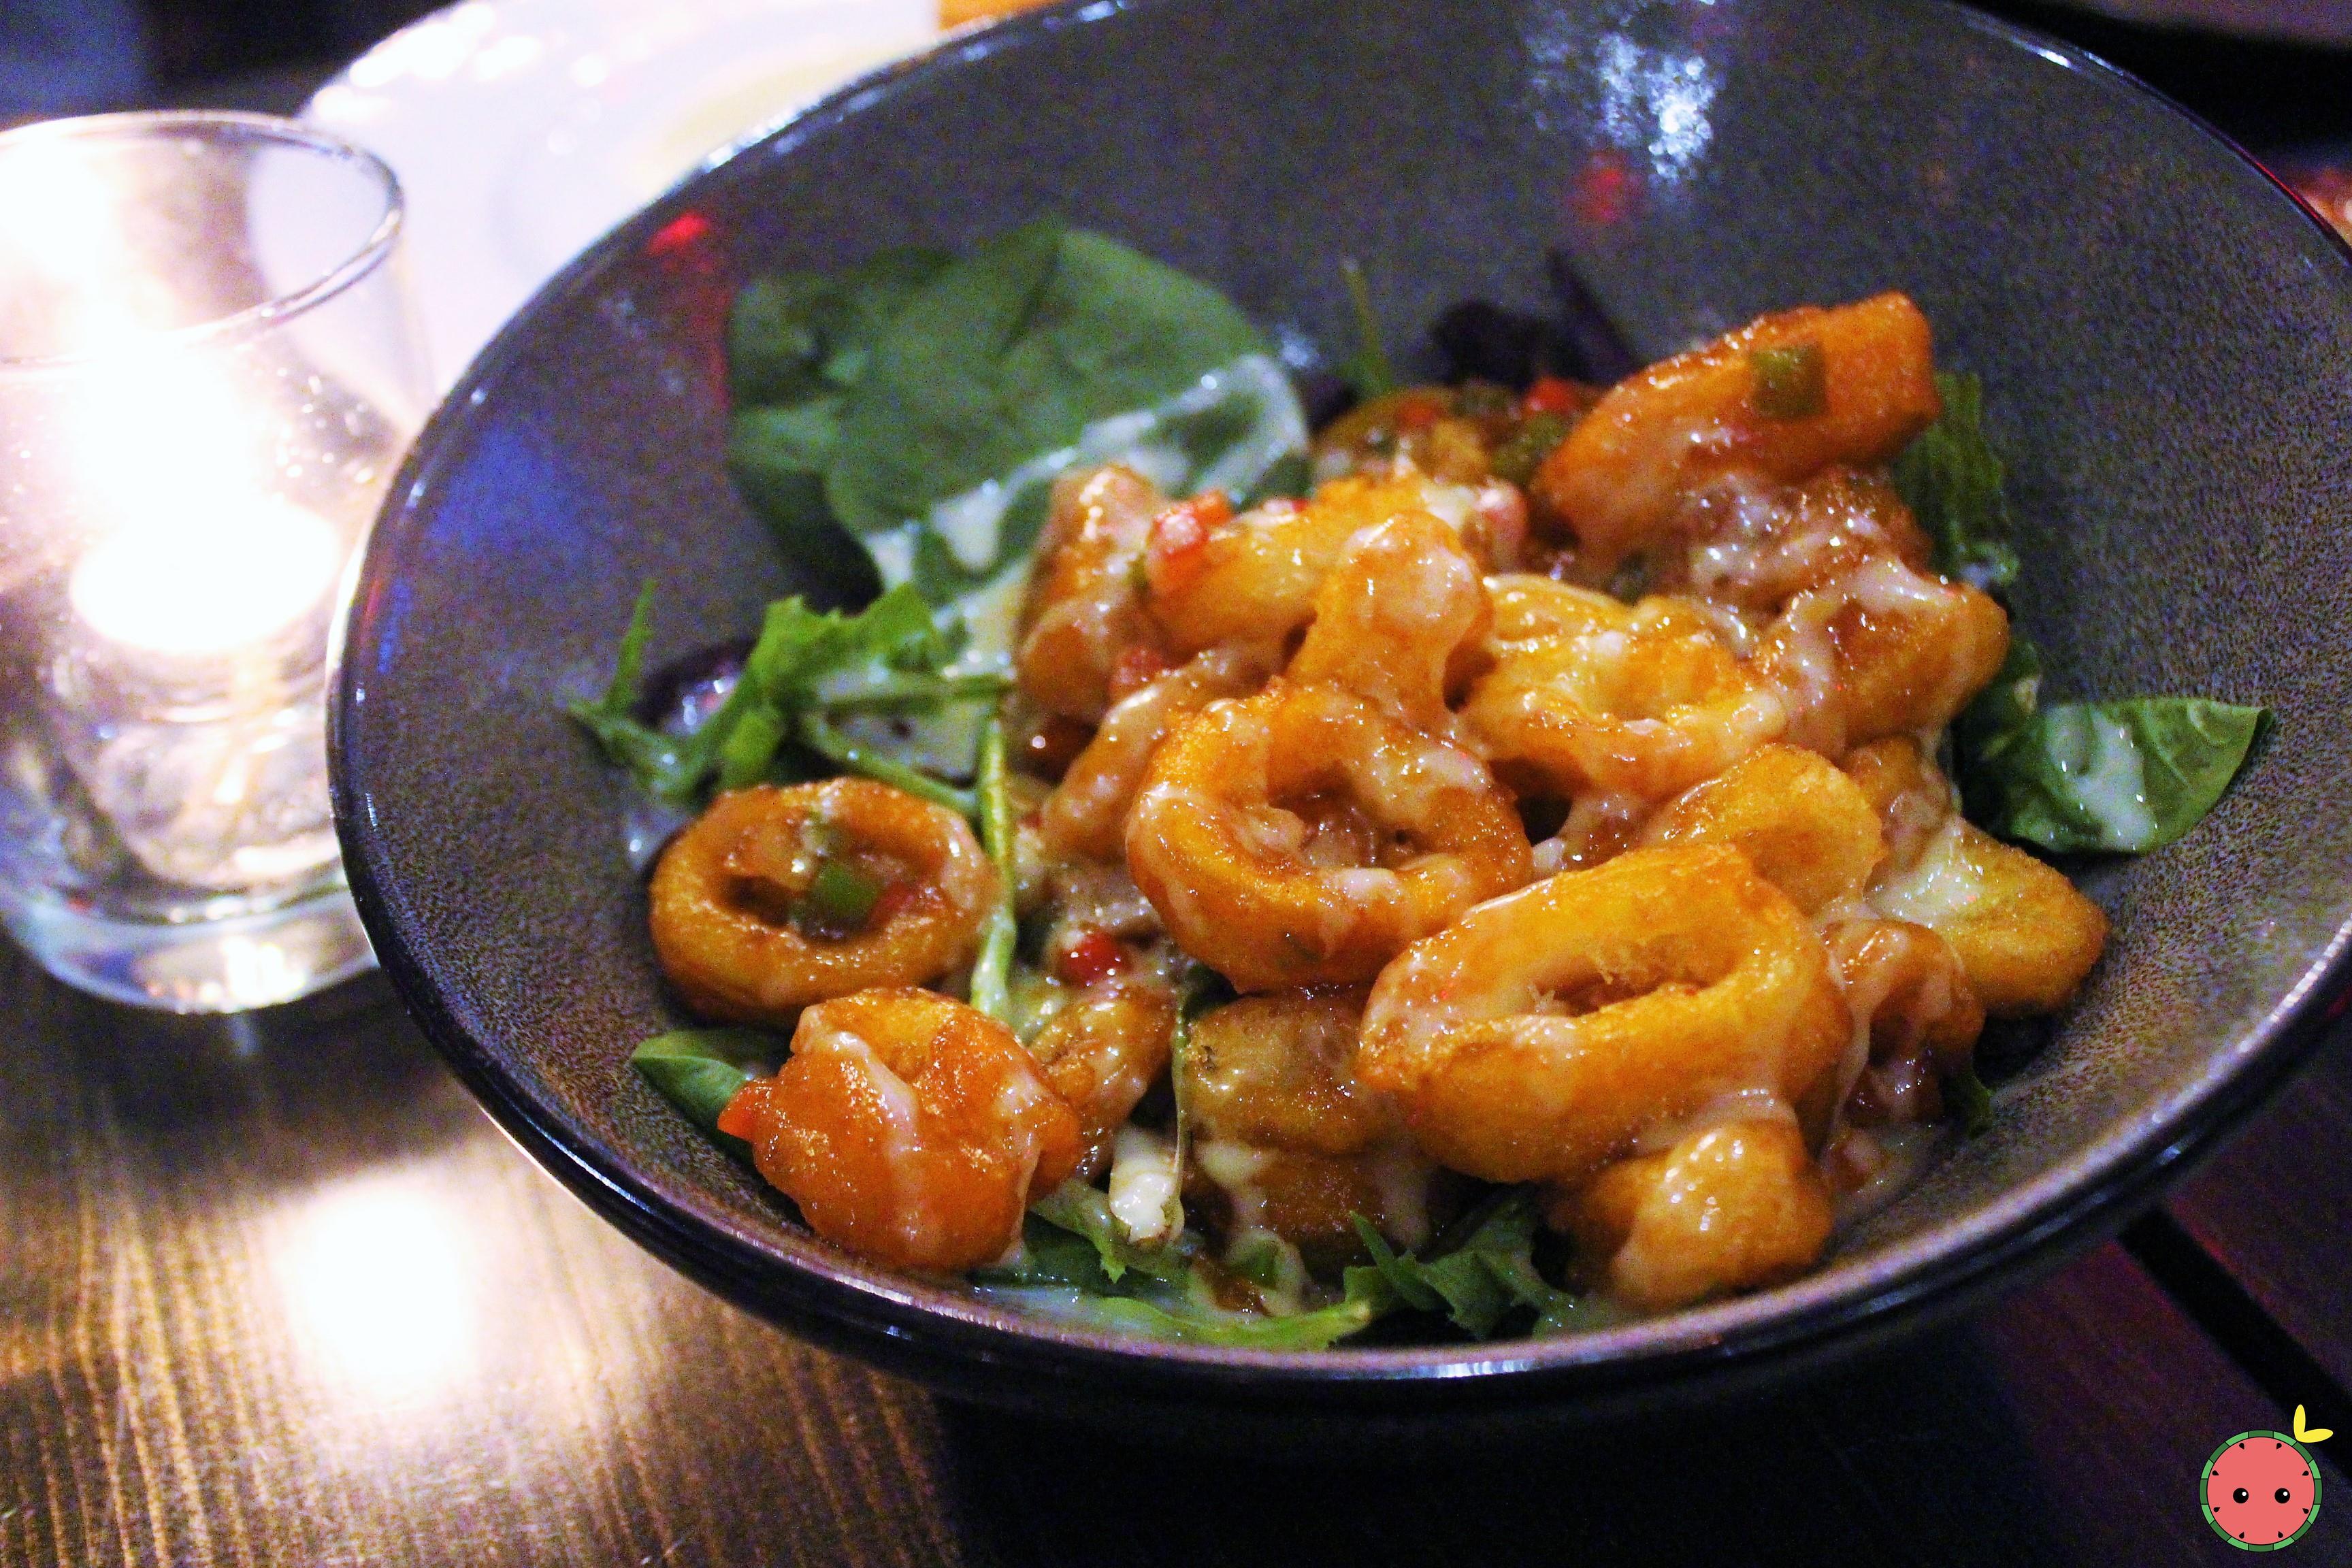 Calamari Salad - Fried calamari, spicy sauce, sweet mayo, mesclun salad